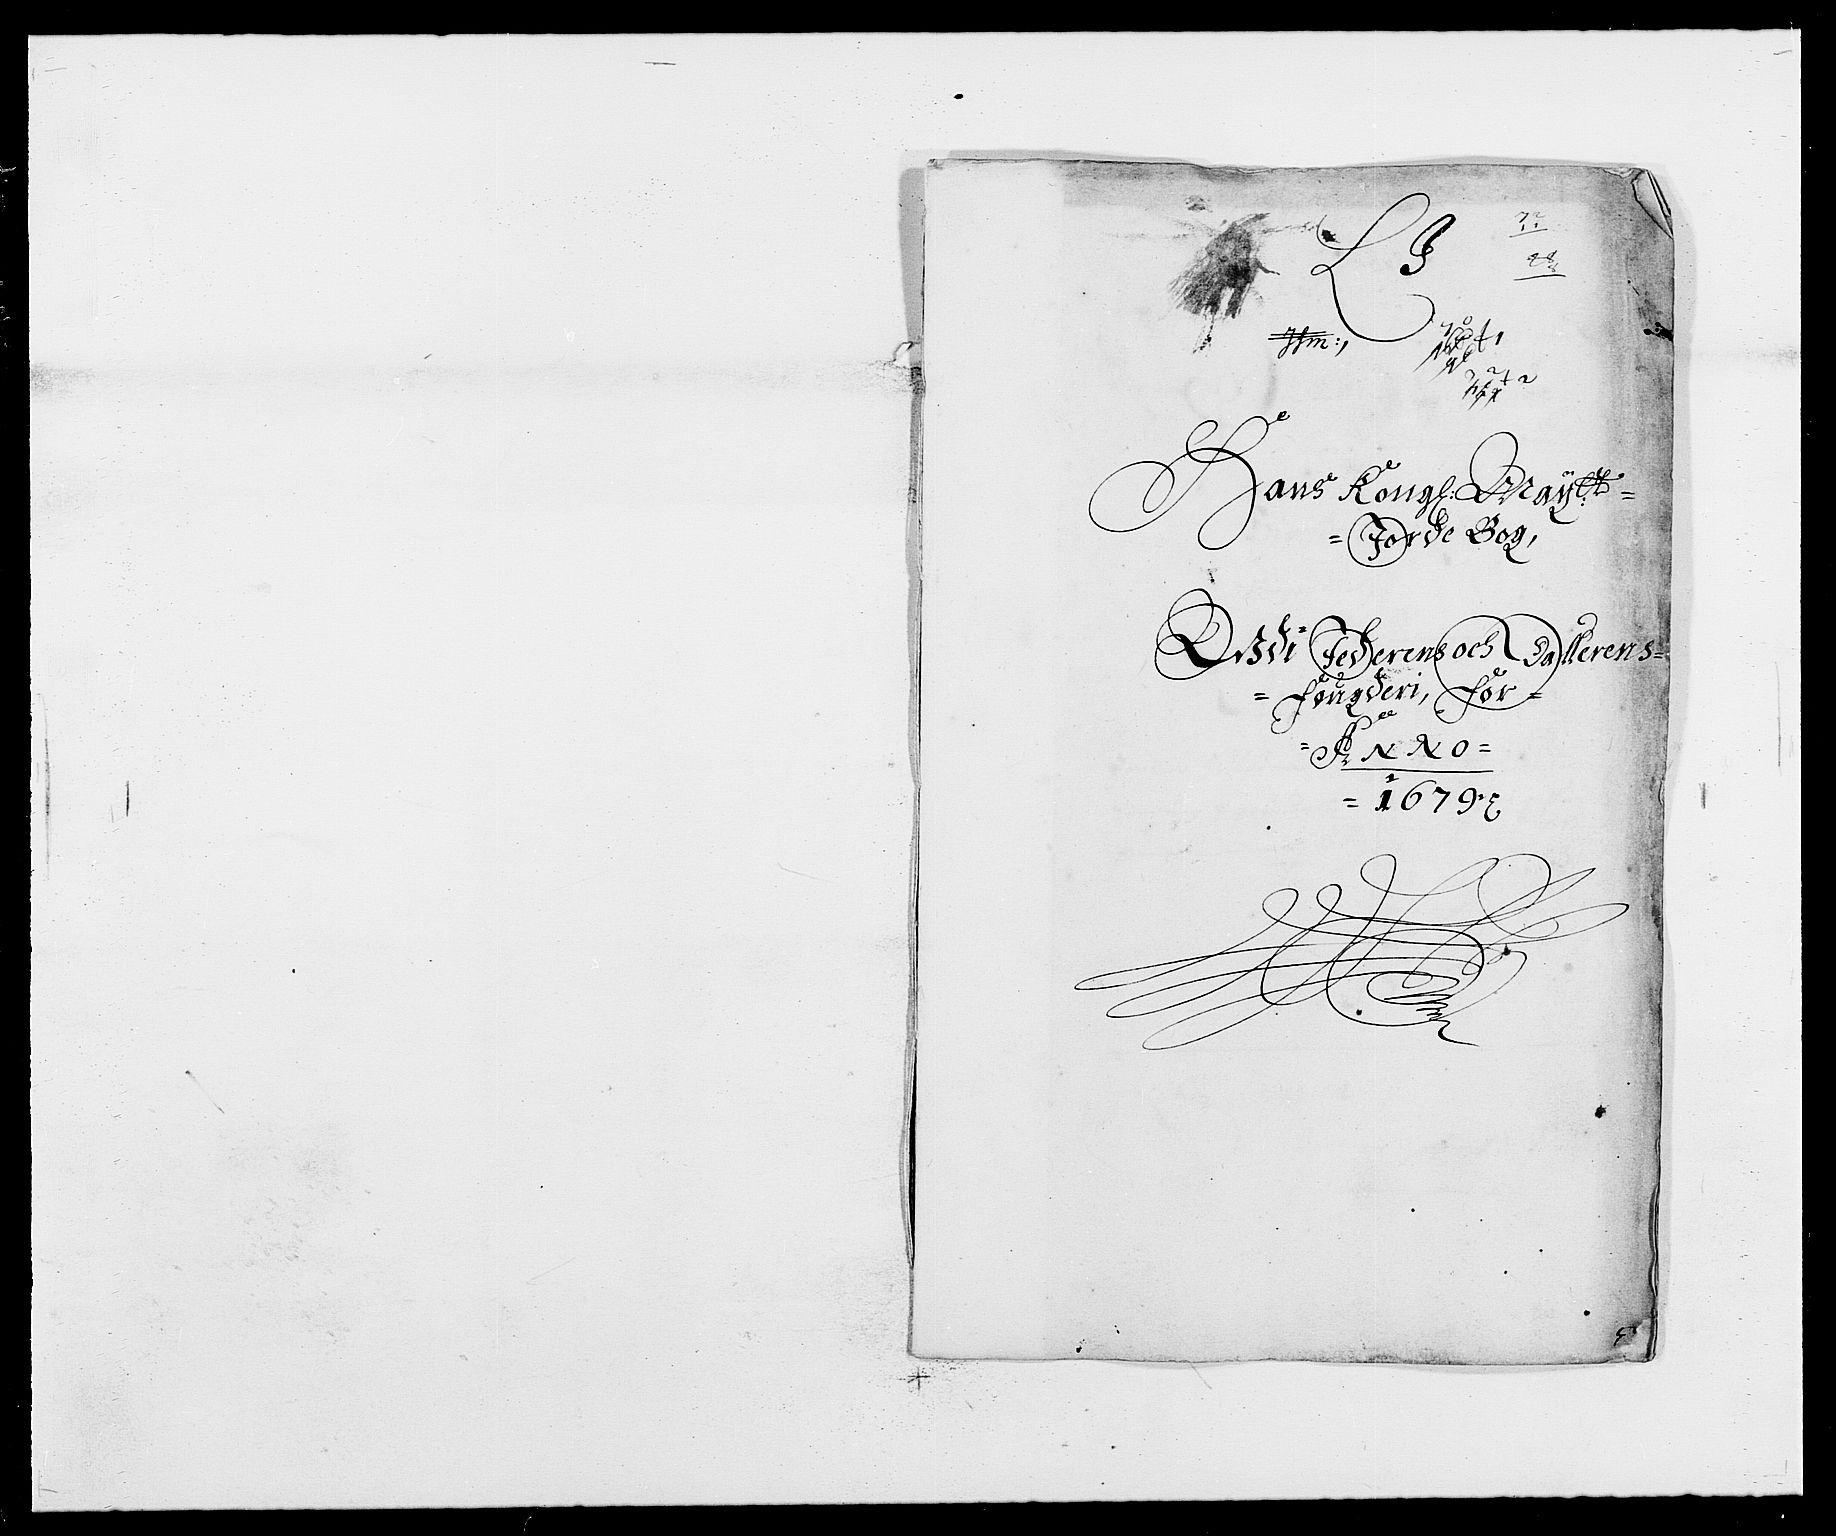 RA, Rentekammeret inntil 1814, Reviderte regnskaper, Fogderegnskap, R46/L2719: Fogderegnskap Jæren og Dalane, 1679, s. 274